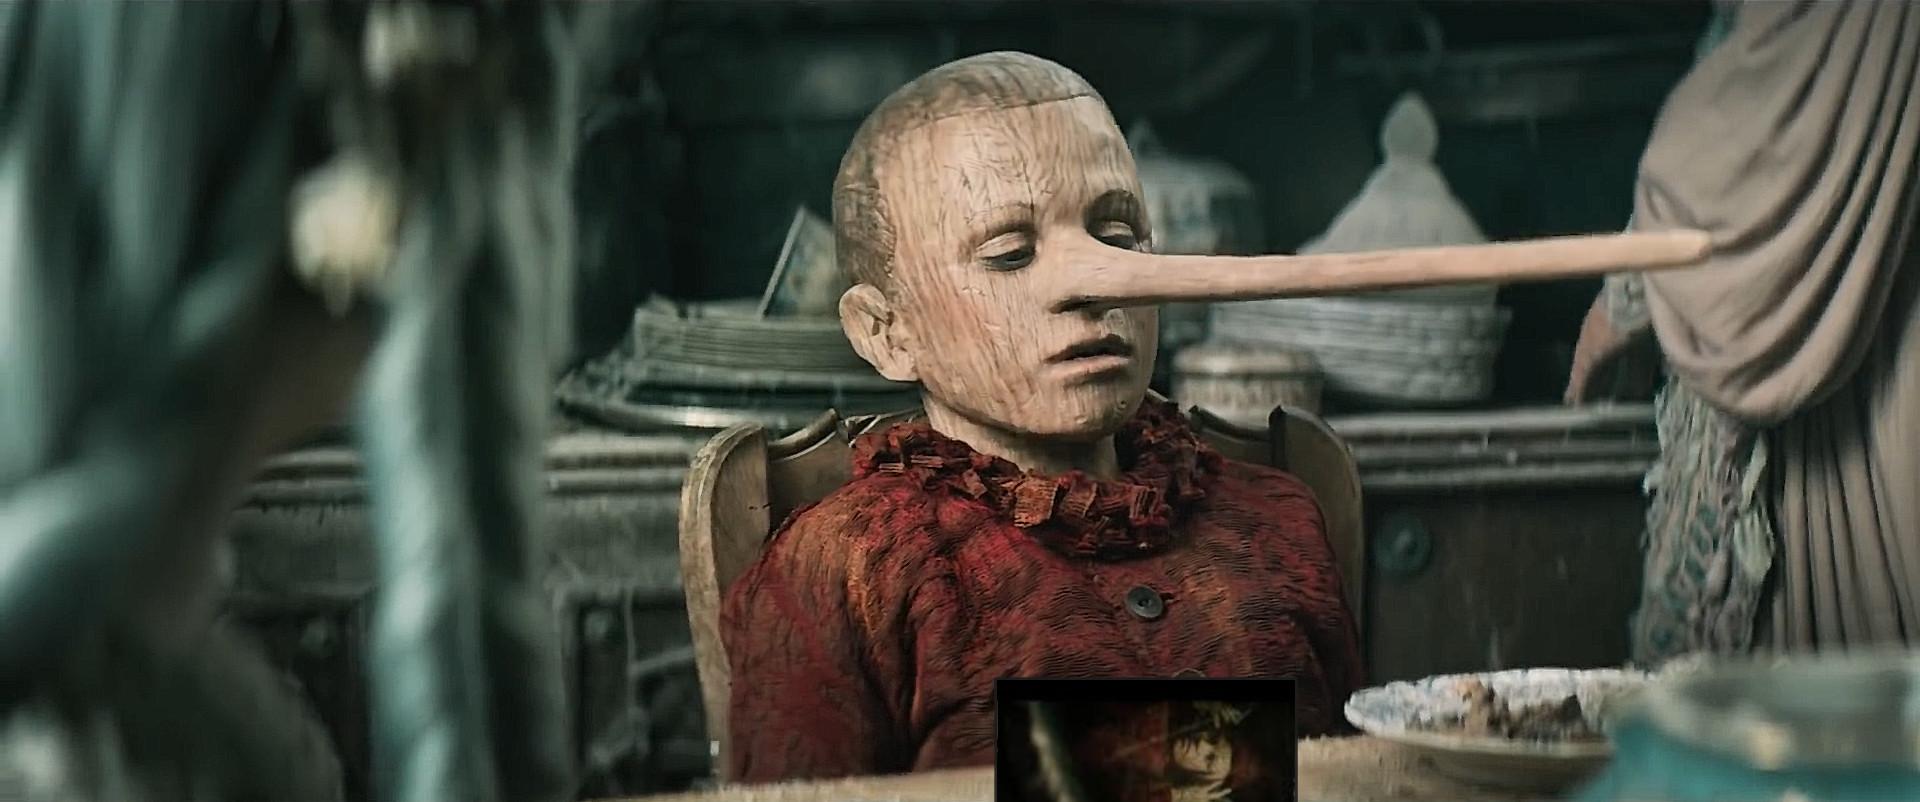 Federico Ielapi è Pinocchio